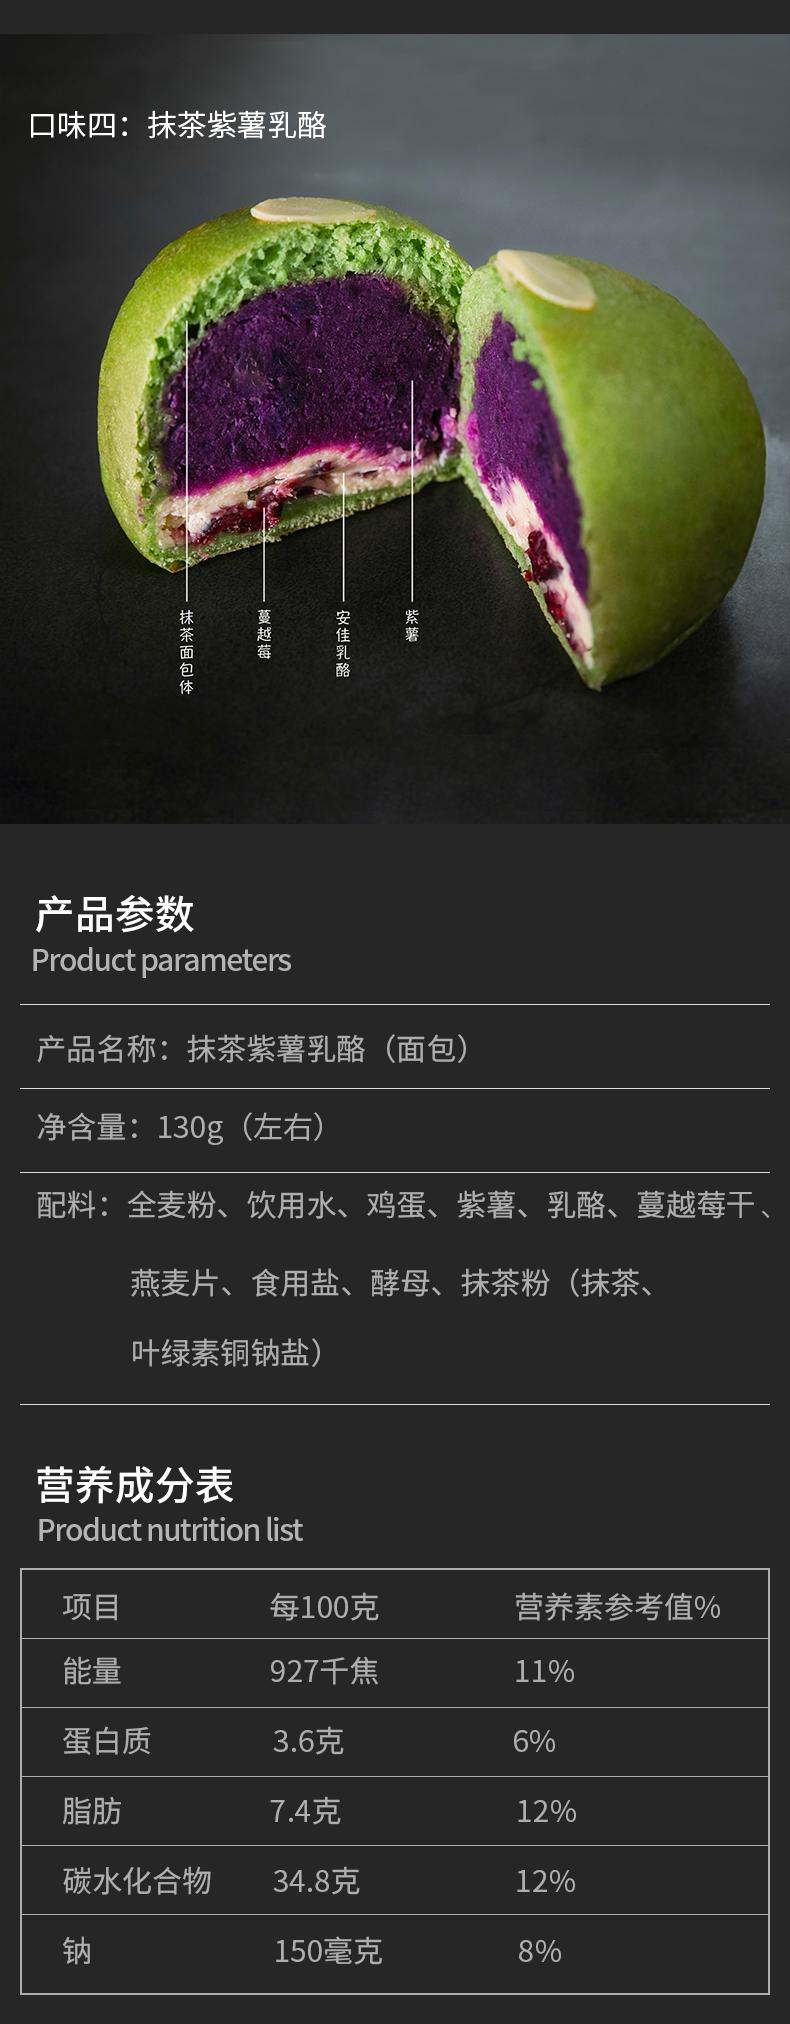 全麦麵包无添加蔗糖鲔鱼麻薯芋泥乳酪网红欧包健身代餐卡卡业详细照片